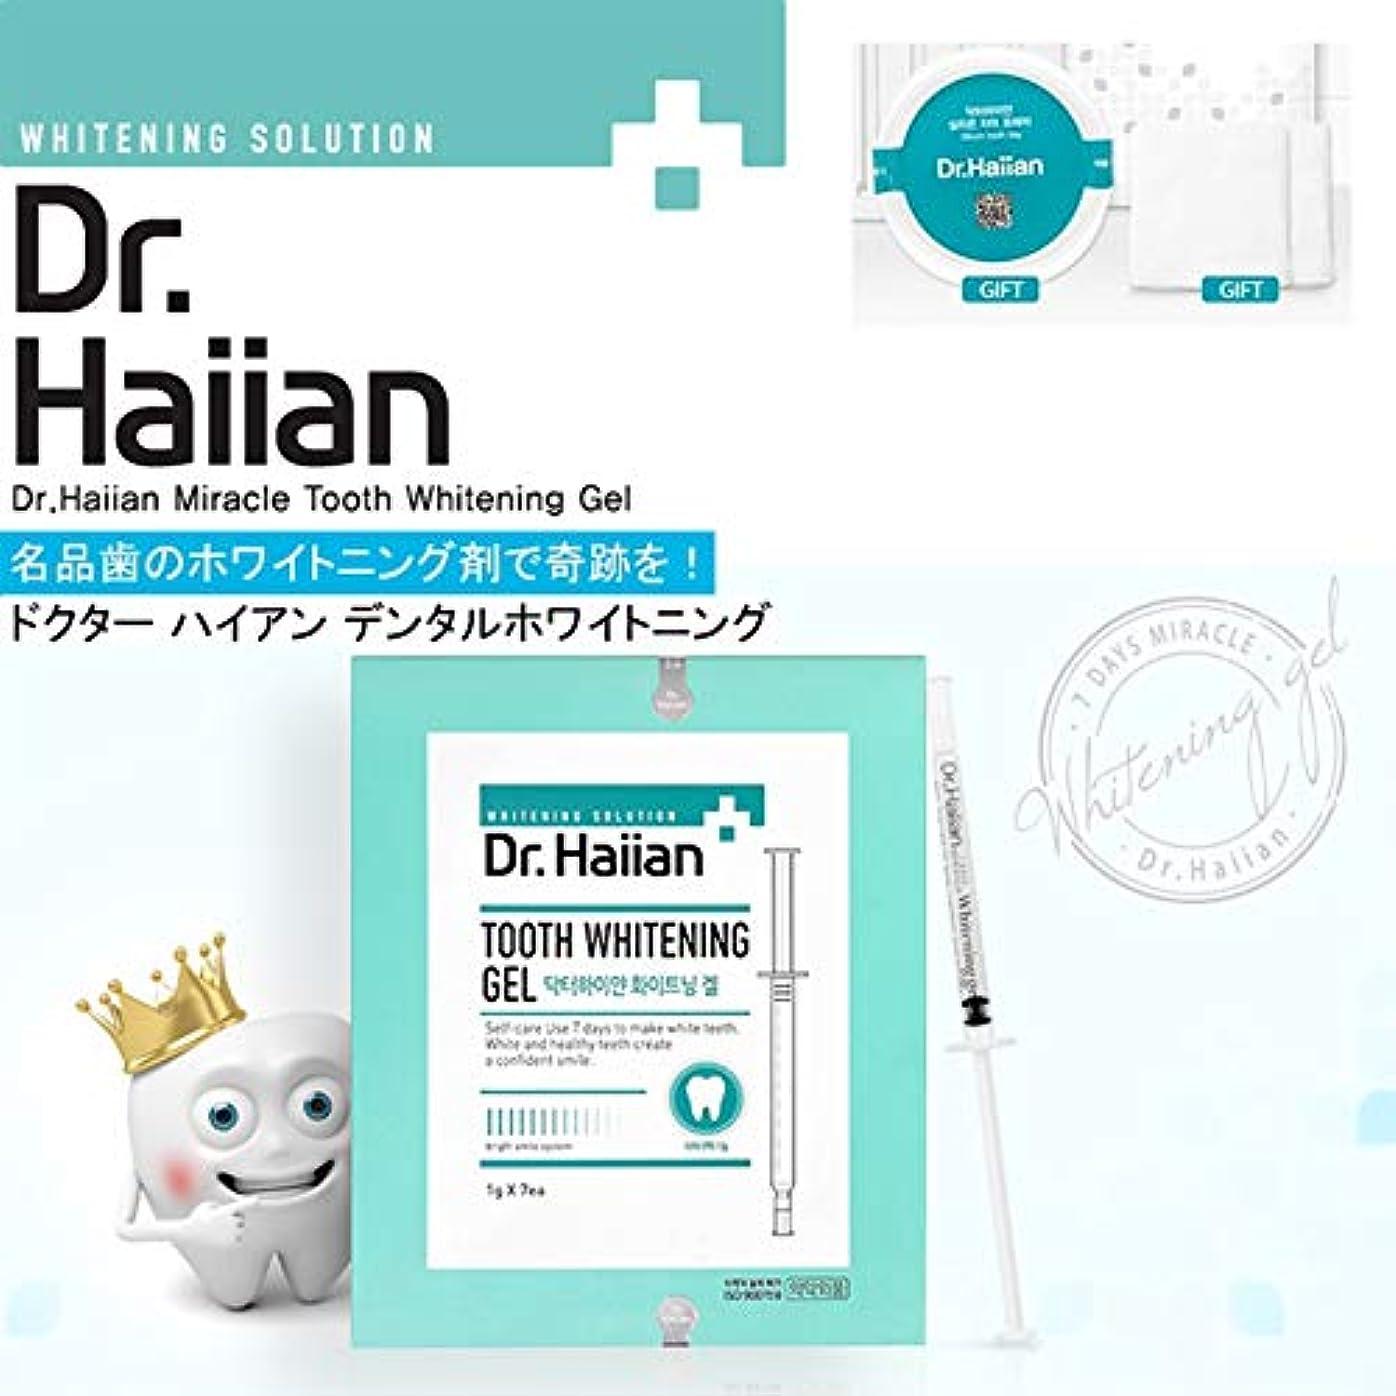 ランク好奇心盛概念[SAMSUNG PHARM]Dr.Haiian 7Days Miracle/7日間の奇跡 [SAMSUNG PHARM]白い歯を管理するための/使ったら歯が白くなる!/Self-Teeth Whitening Agent...